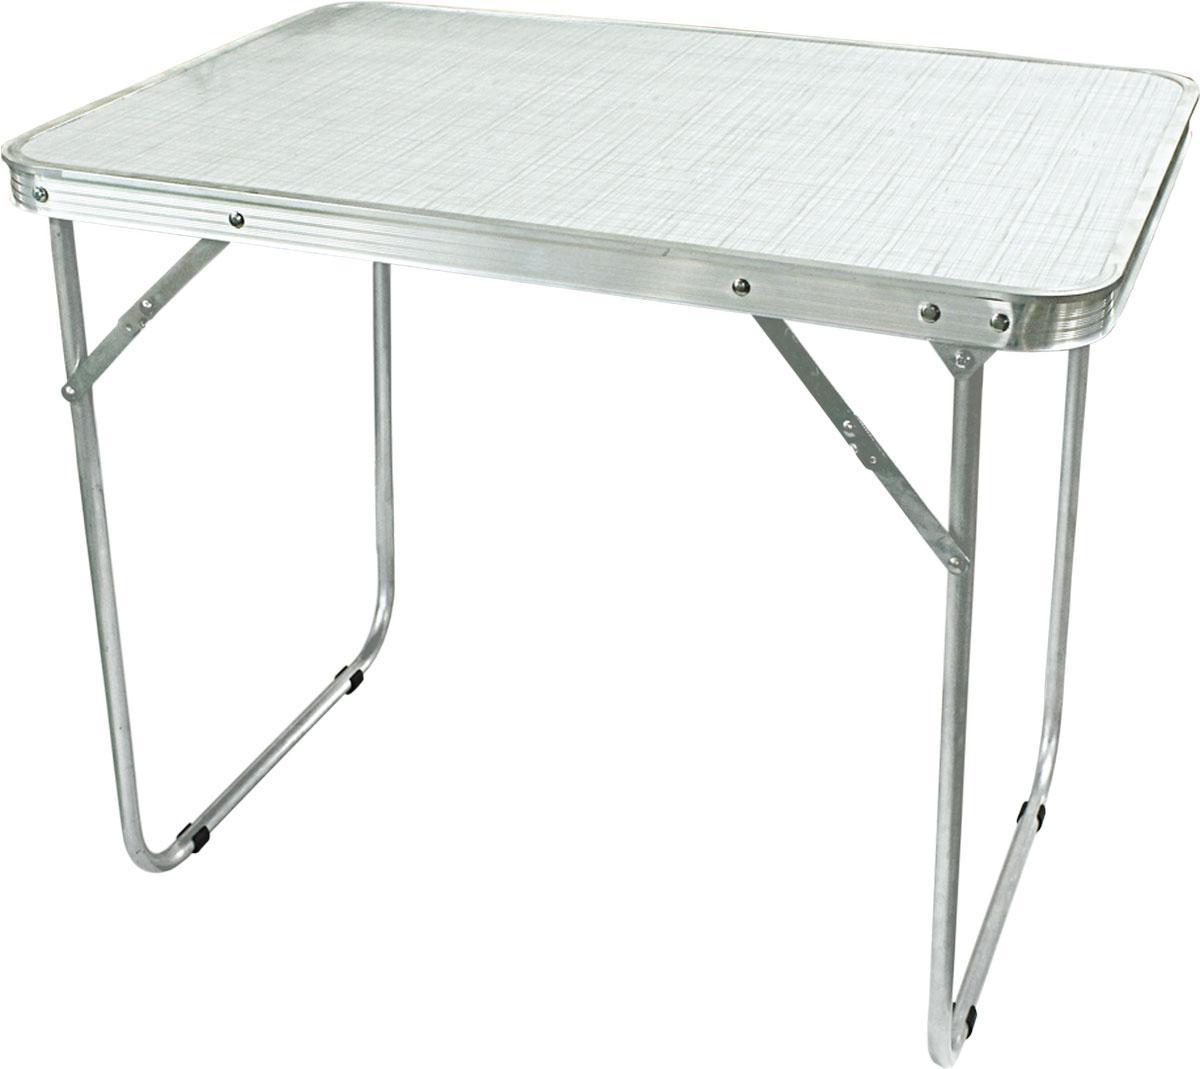 Стол складной Woodland Camping Table Light, цвет: белый, стальной, 70 x 50 x 60 см09840-20.000.00Стол складной Woodland Camping Table Light создан специально для тех, кто любит отдыхать на природе небольшой компанией. Представленная модель сделает ваш пикник максимально комфортным и приятным. Прочный алюминиевый каркас обеспечивает прекрасную устойчивость изделия и его долговечность. Столешница может выдержать максимальную нагрузку 20 кг.Профиль: алюминий. Труба: алюминий, 16 х 1 мм. Столешница: ХДФ.Компактная складная конструкция.Прочный алюминий каркас.Материал столешницы - ХДФ.Максимально допустимая нагрузка: 20 кг.